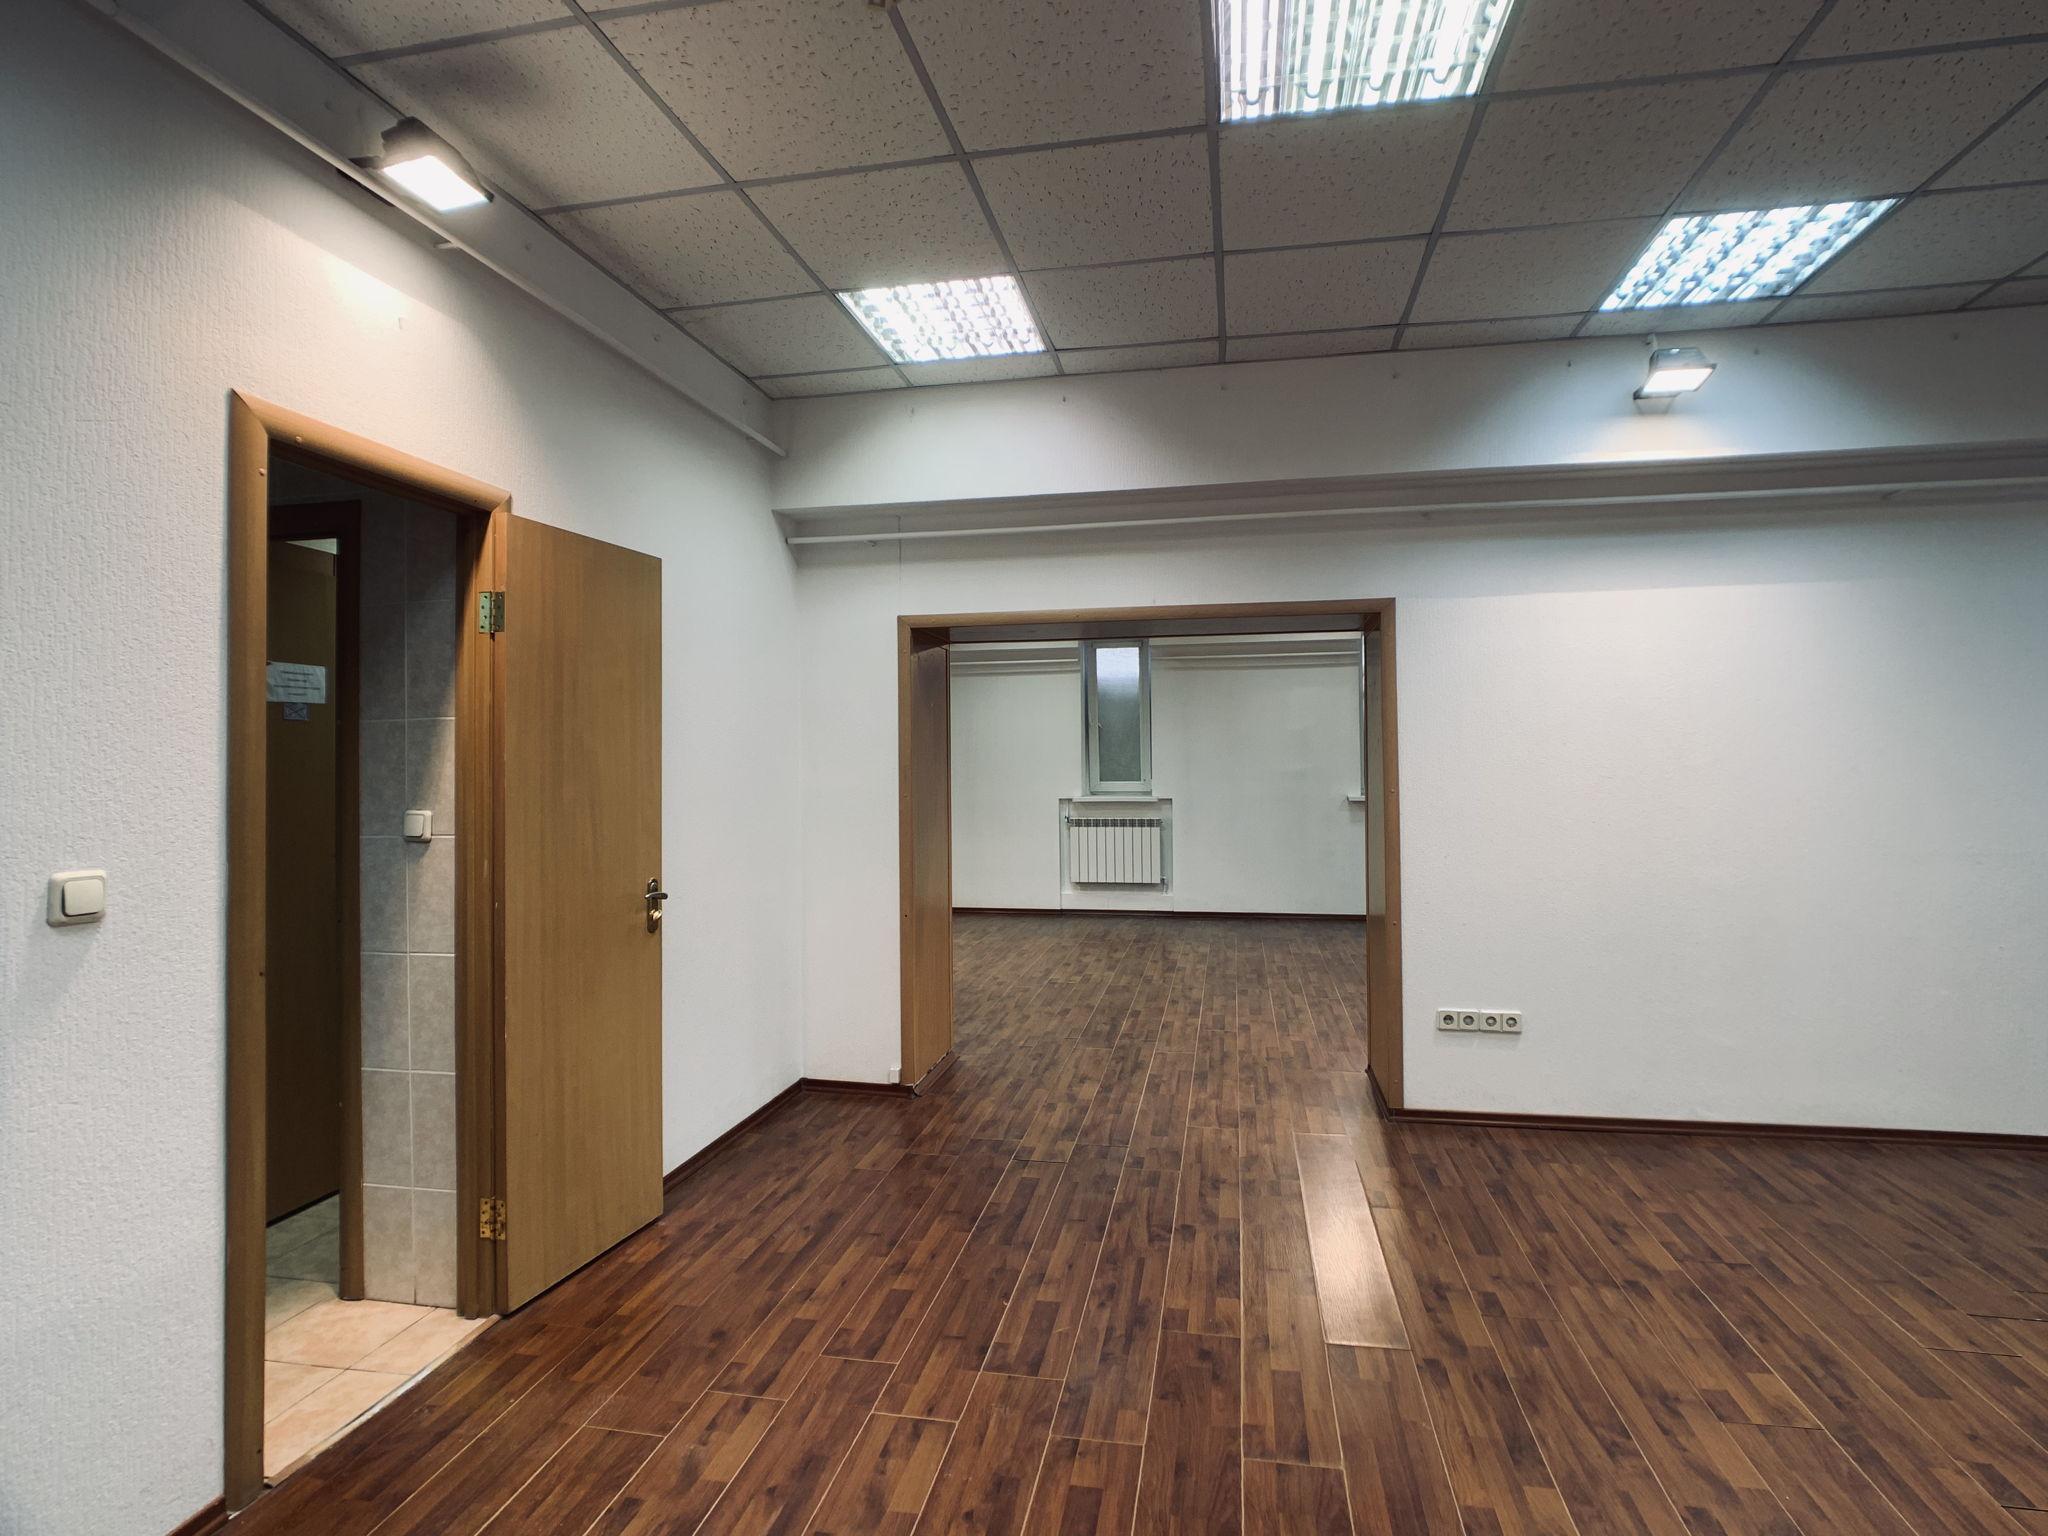 Офис, W-6288211, Лаврская, 21, Киев - Фото 4